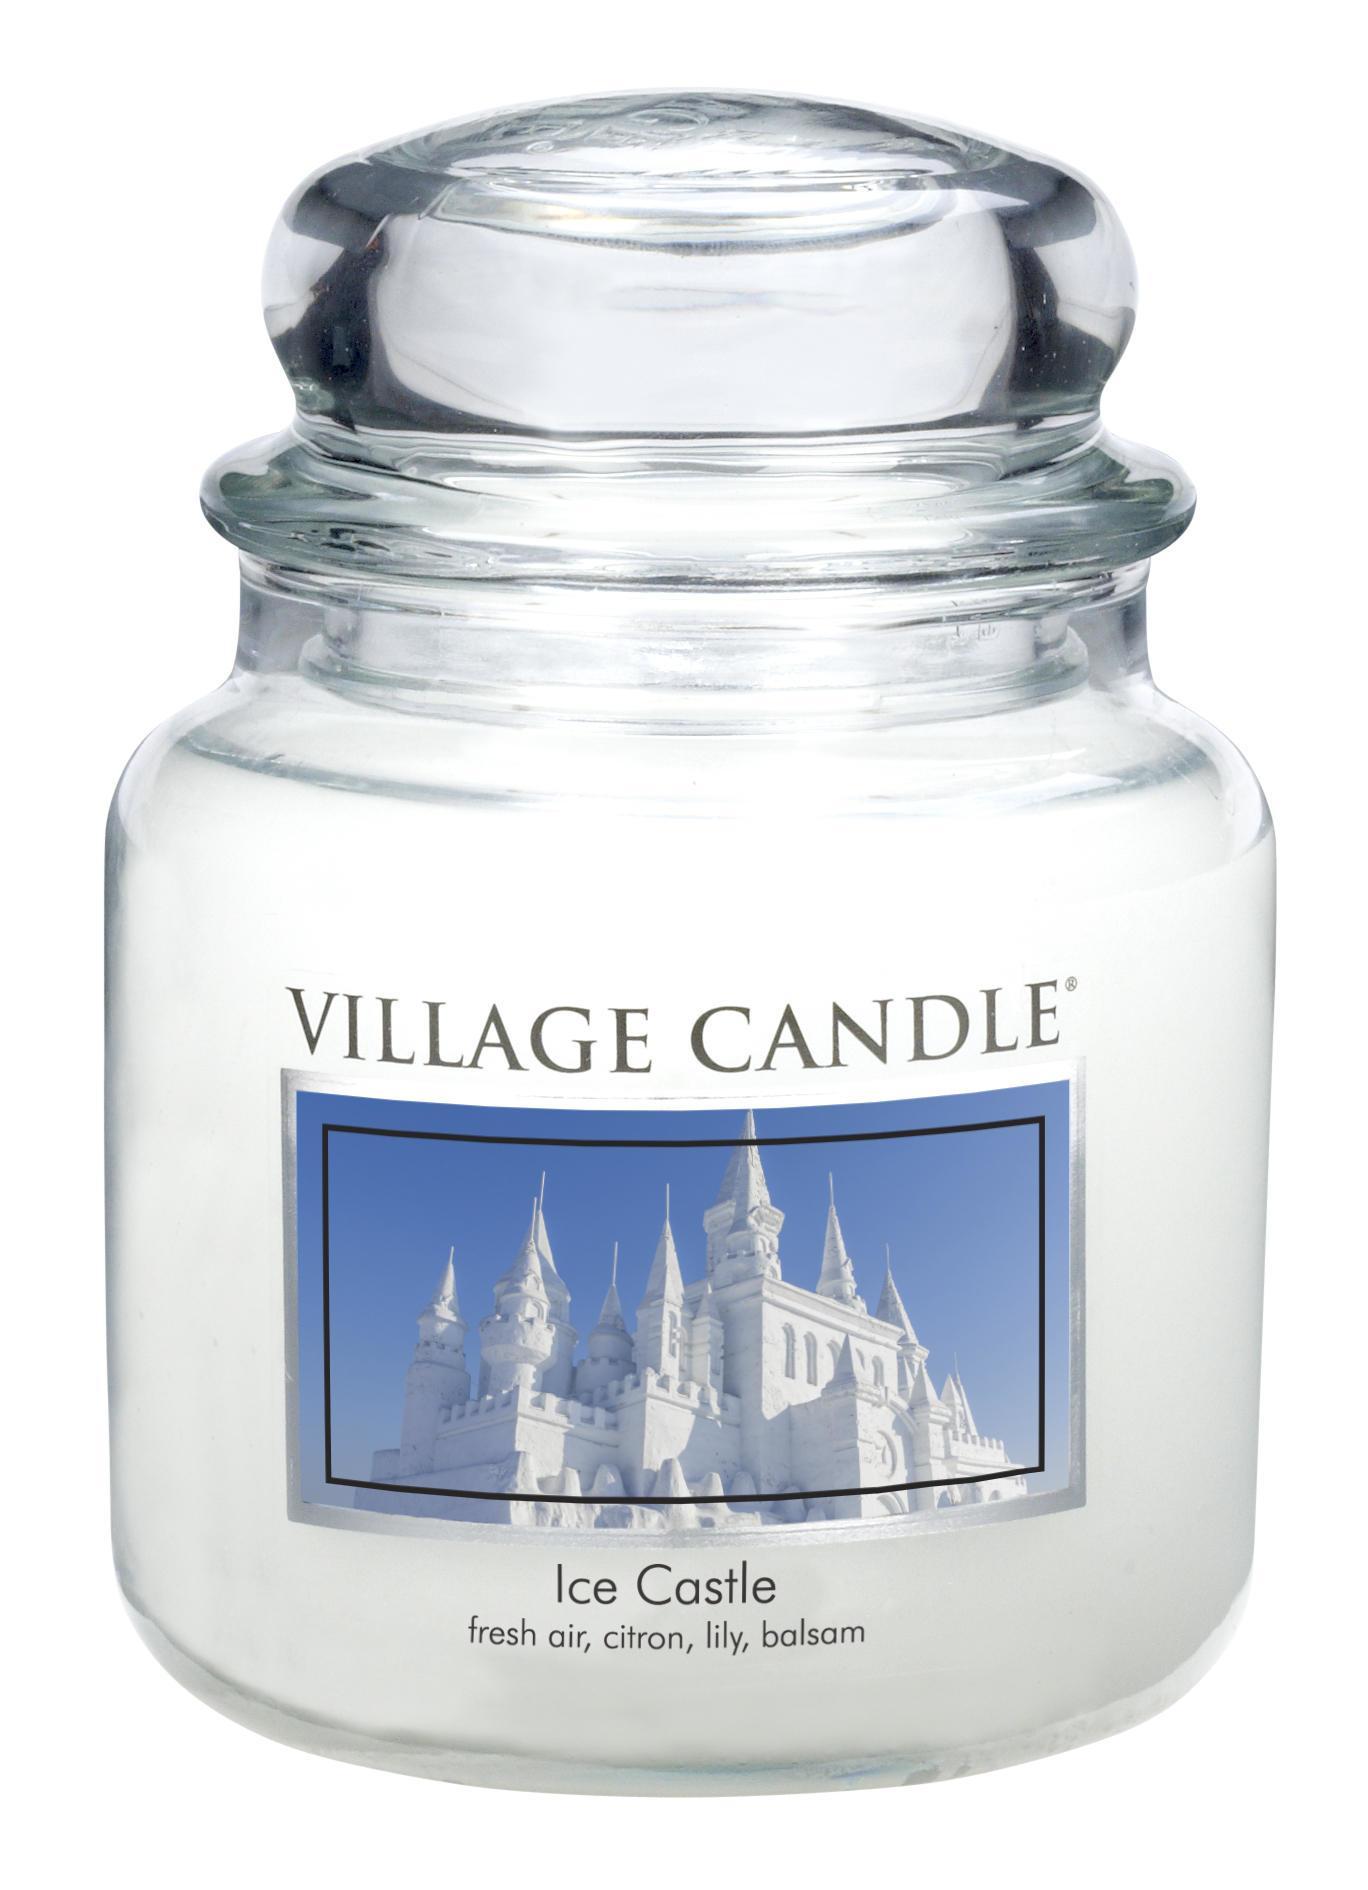 Village Candle Svíčka ve skle Ice Castle - střední, bílá barva, sklo, vosk